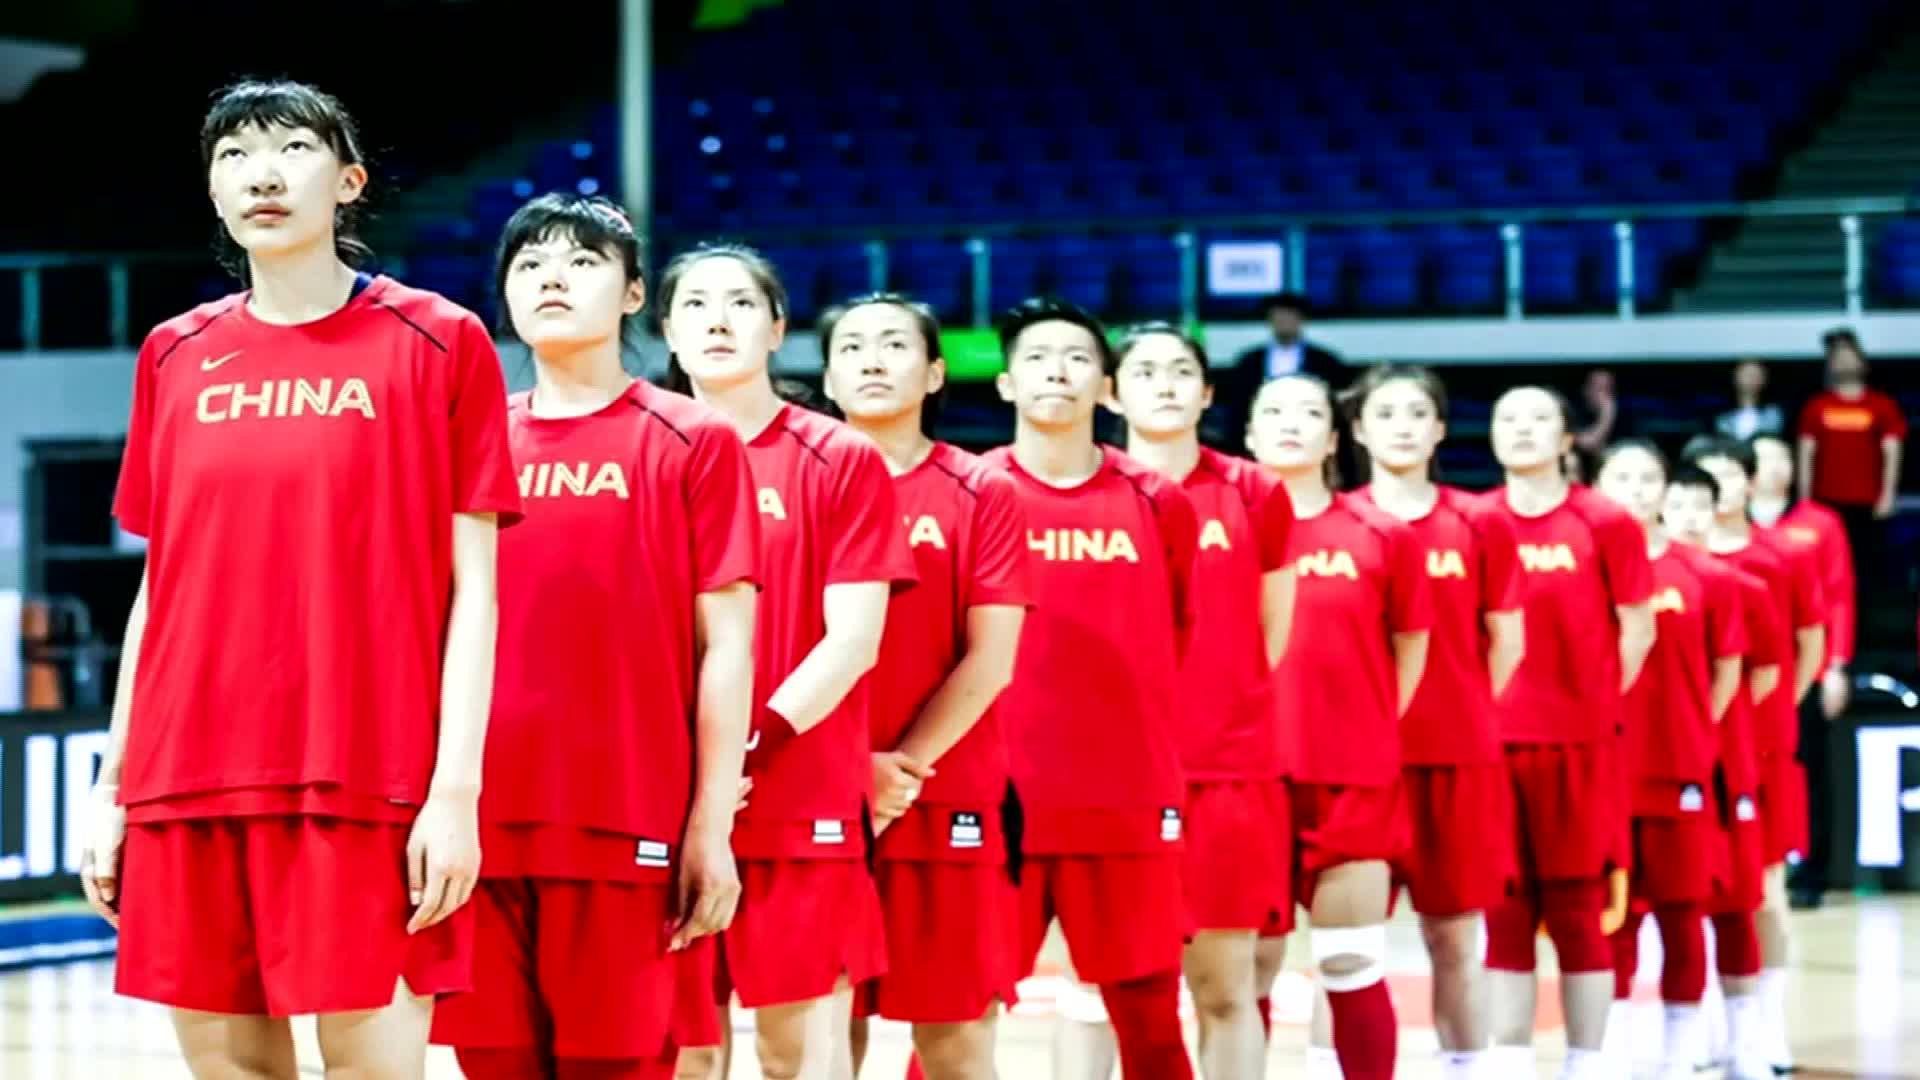 强势晋级!奥运资格赛女篮78分大胜菲律宾 韩旭高效砍下26分